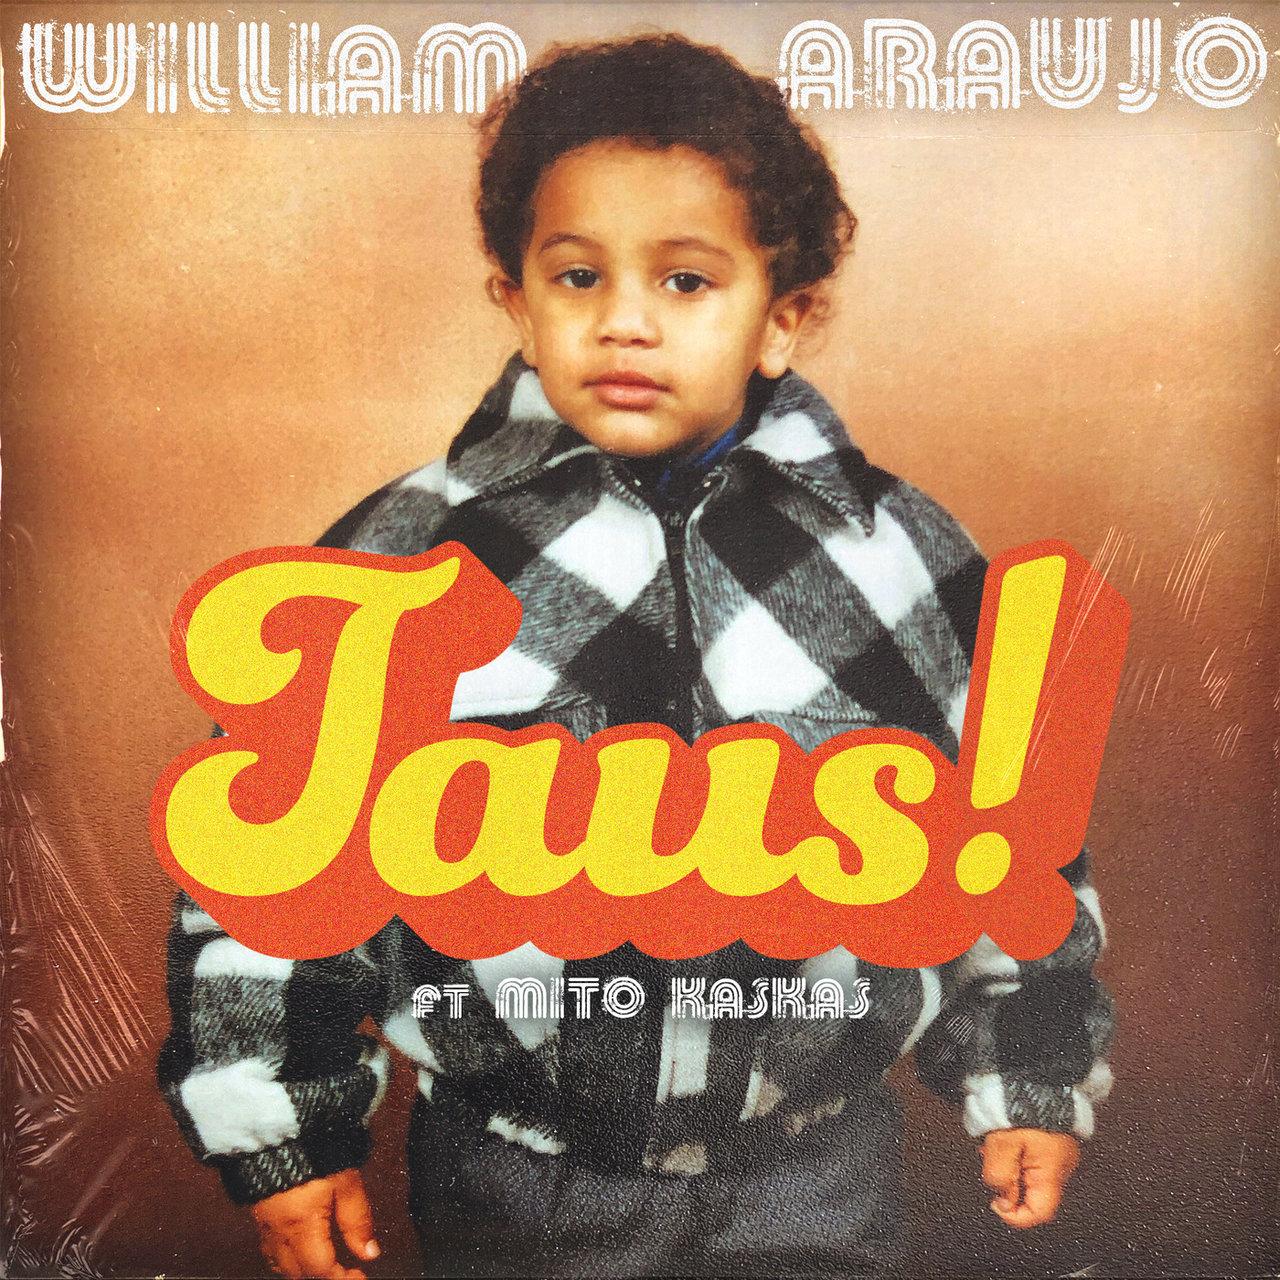 William Araujo - Taus (ft. Mito Kaskas) (Cover)